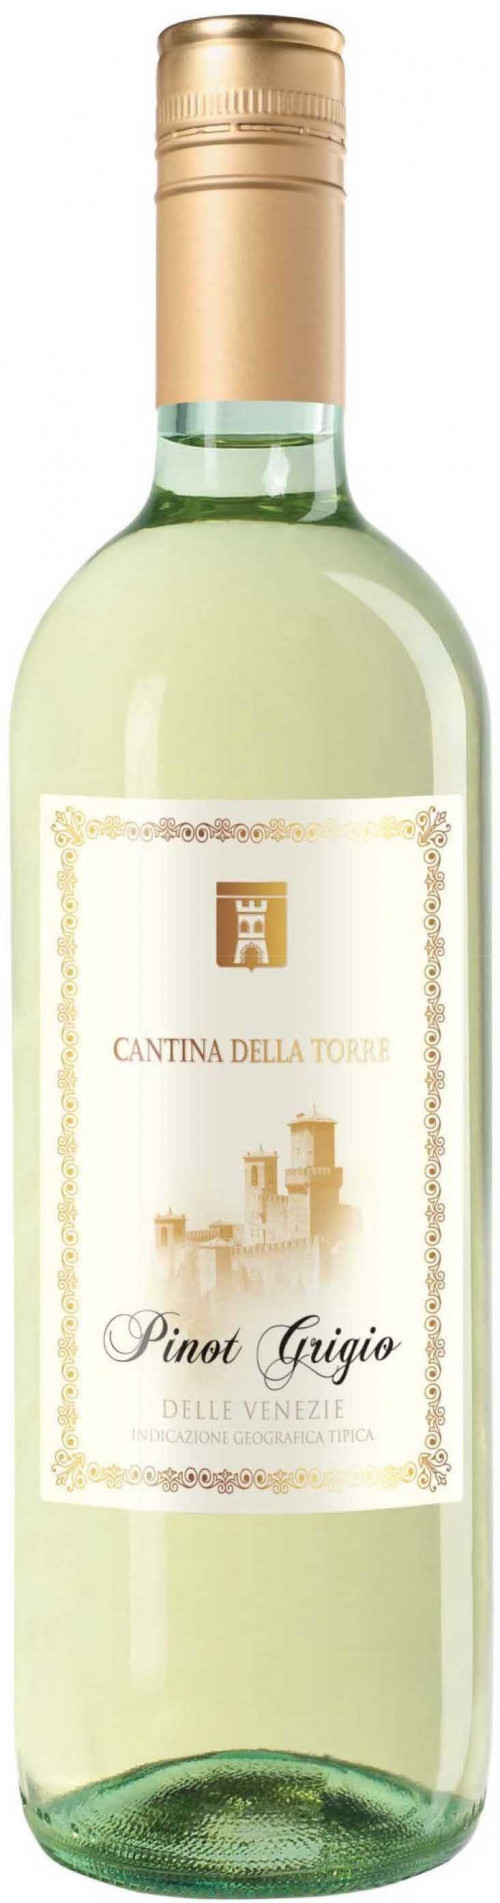 Cantina Della Torre Pinot Grigio 1.5 Ltr